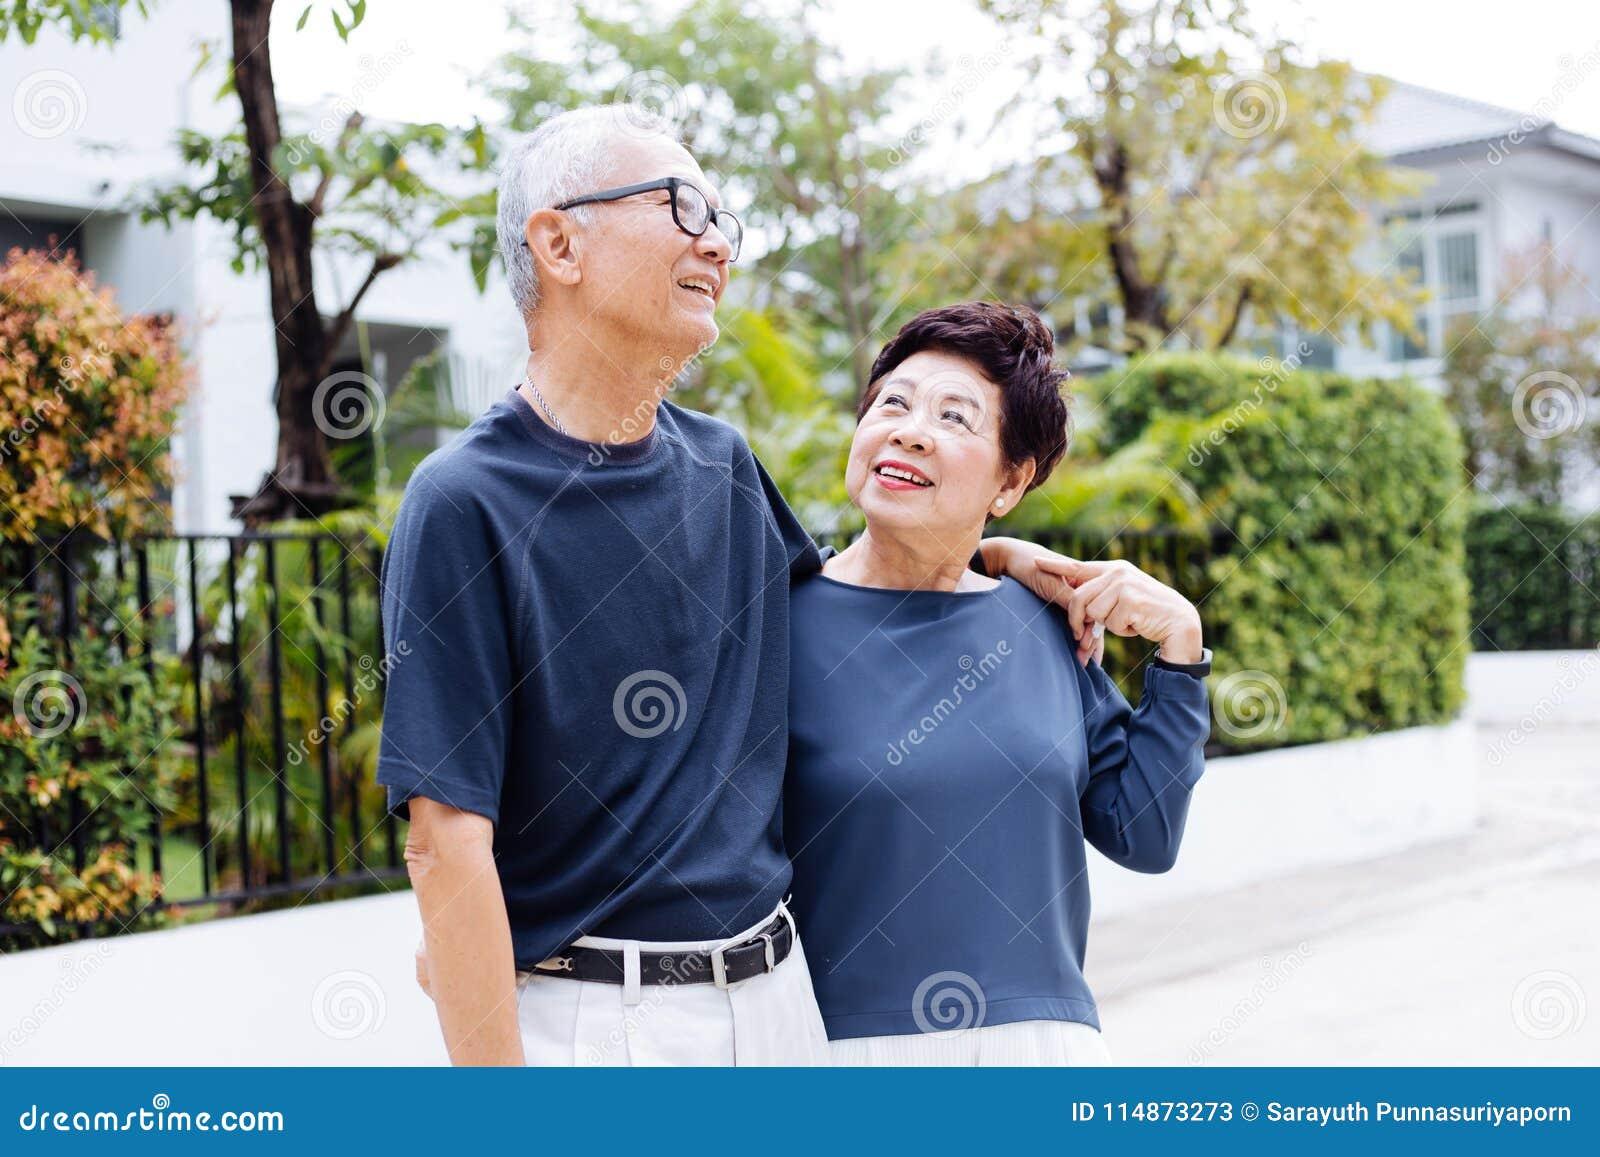 Ευτυχές συνταξιούχο ανώτερο ασιατικό ζεύγος που περπατά και που εξετάζει το ένα το άλλο με το ειδύλλιο στο υπαίθρια πάρκο και το